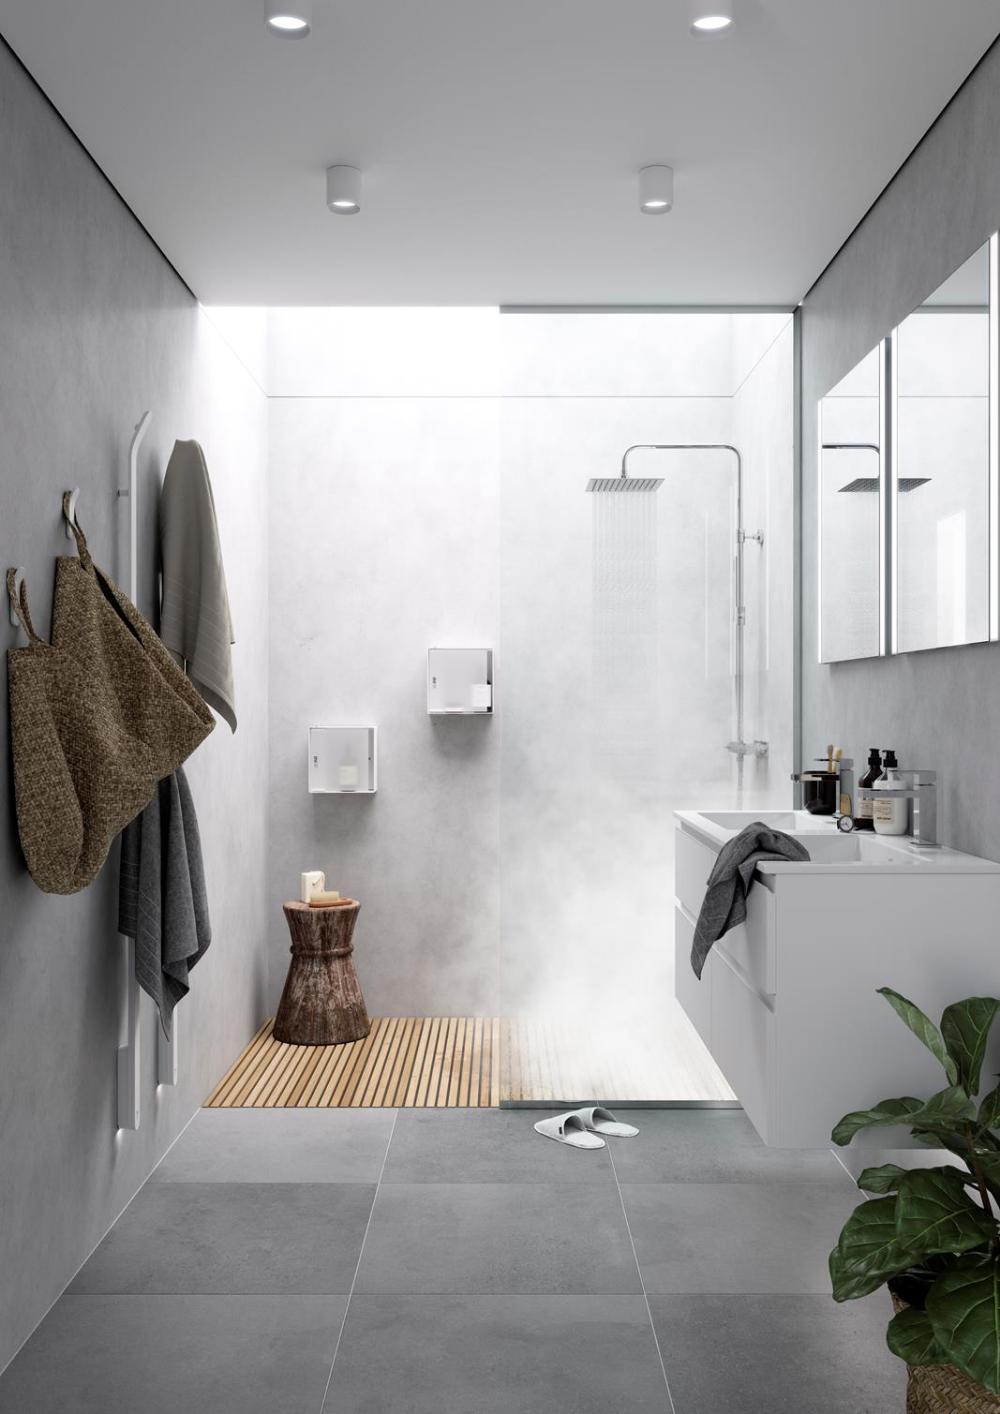 Baderominspirasjon In 2020 Badezimmer Innenausstattung Kleine Badezimmer Design Kleines Bad Gestalten